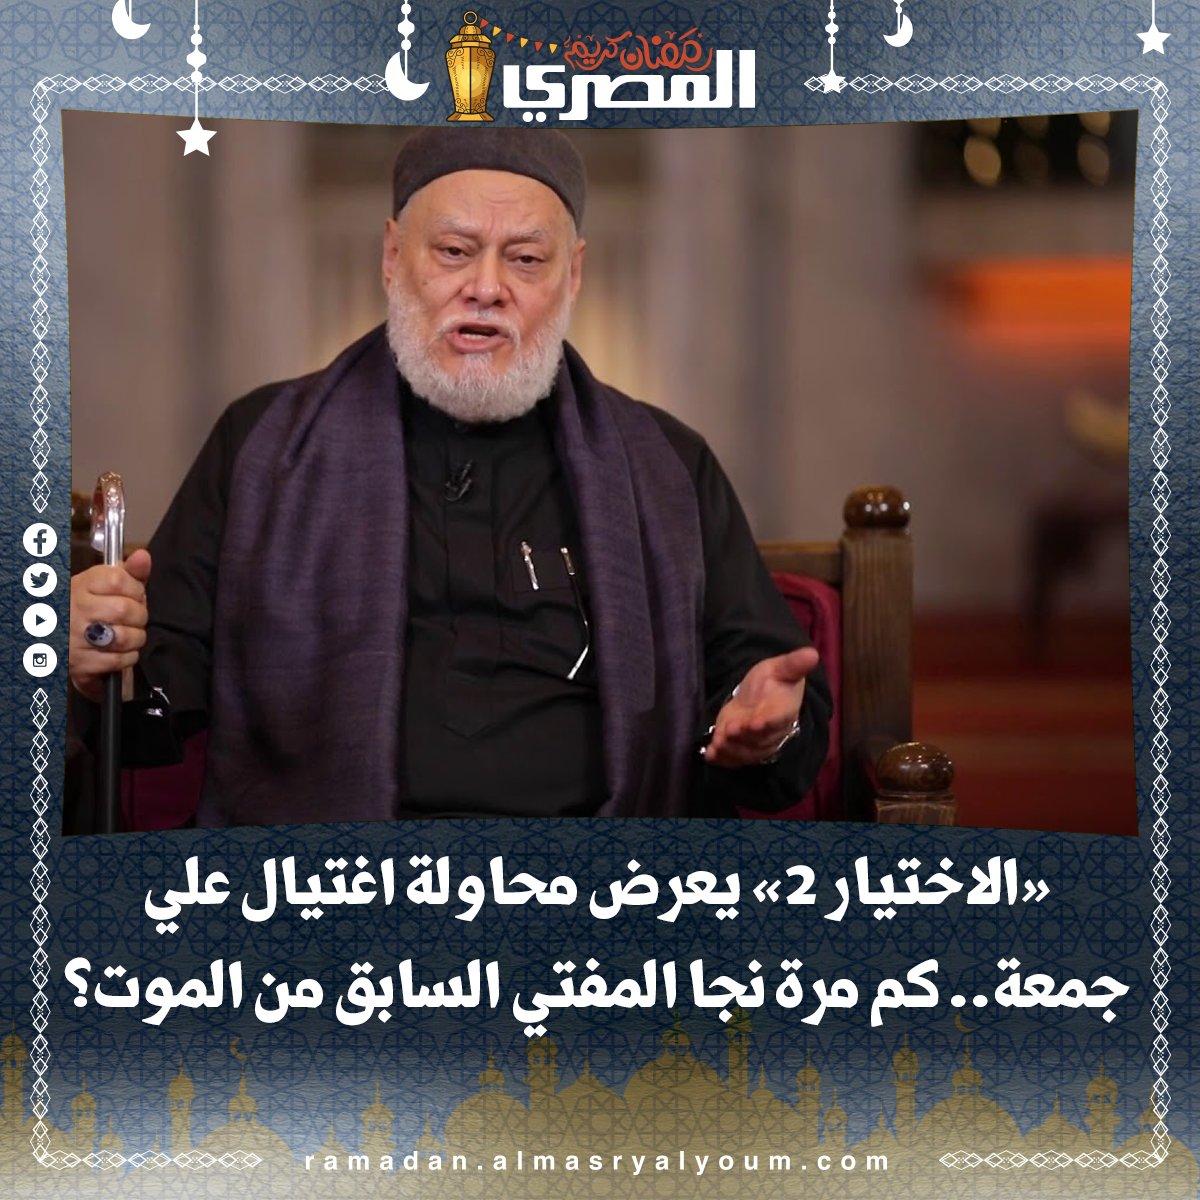 «الاختيار 2» يعرض محاولة اغتيال علي جمعة.. كم مرة نجا المفتي السابق من الموت؟ (صور)